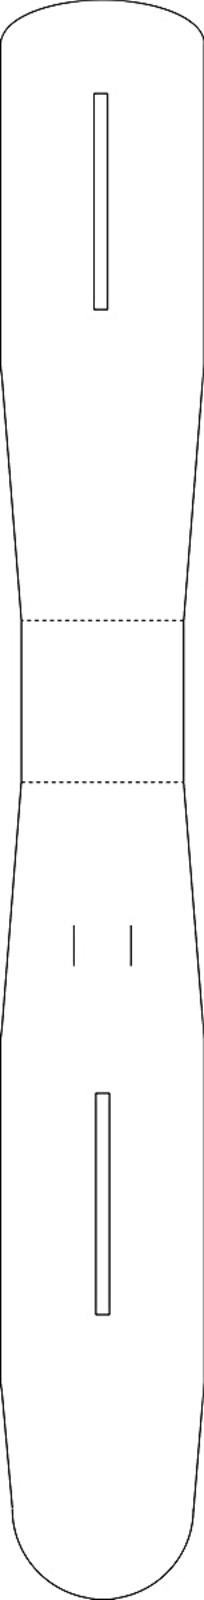 一个异形的包装盒刀模